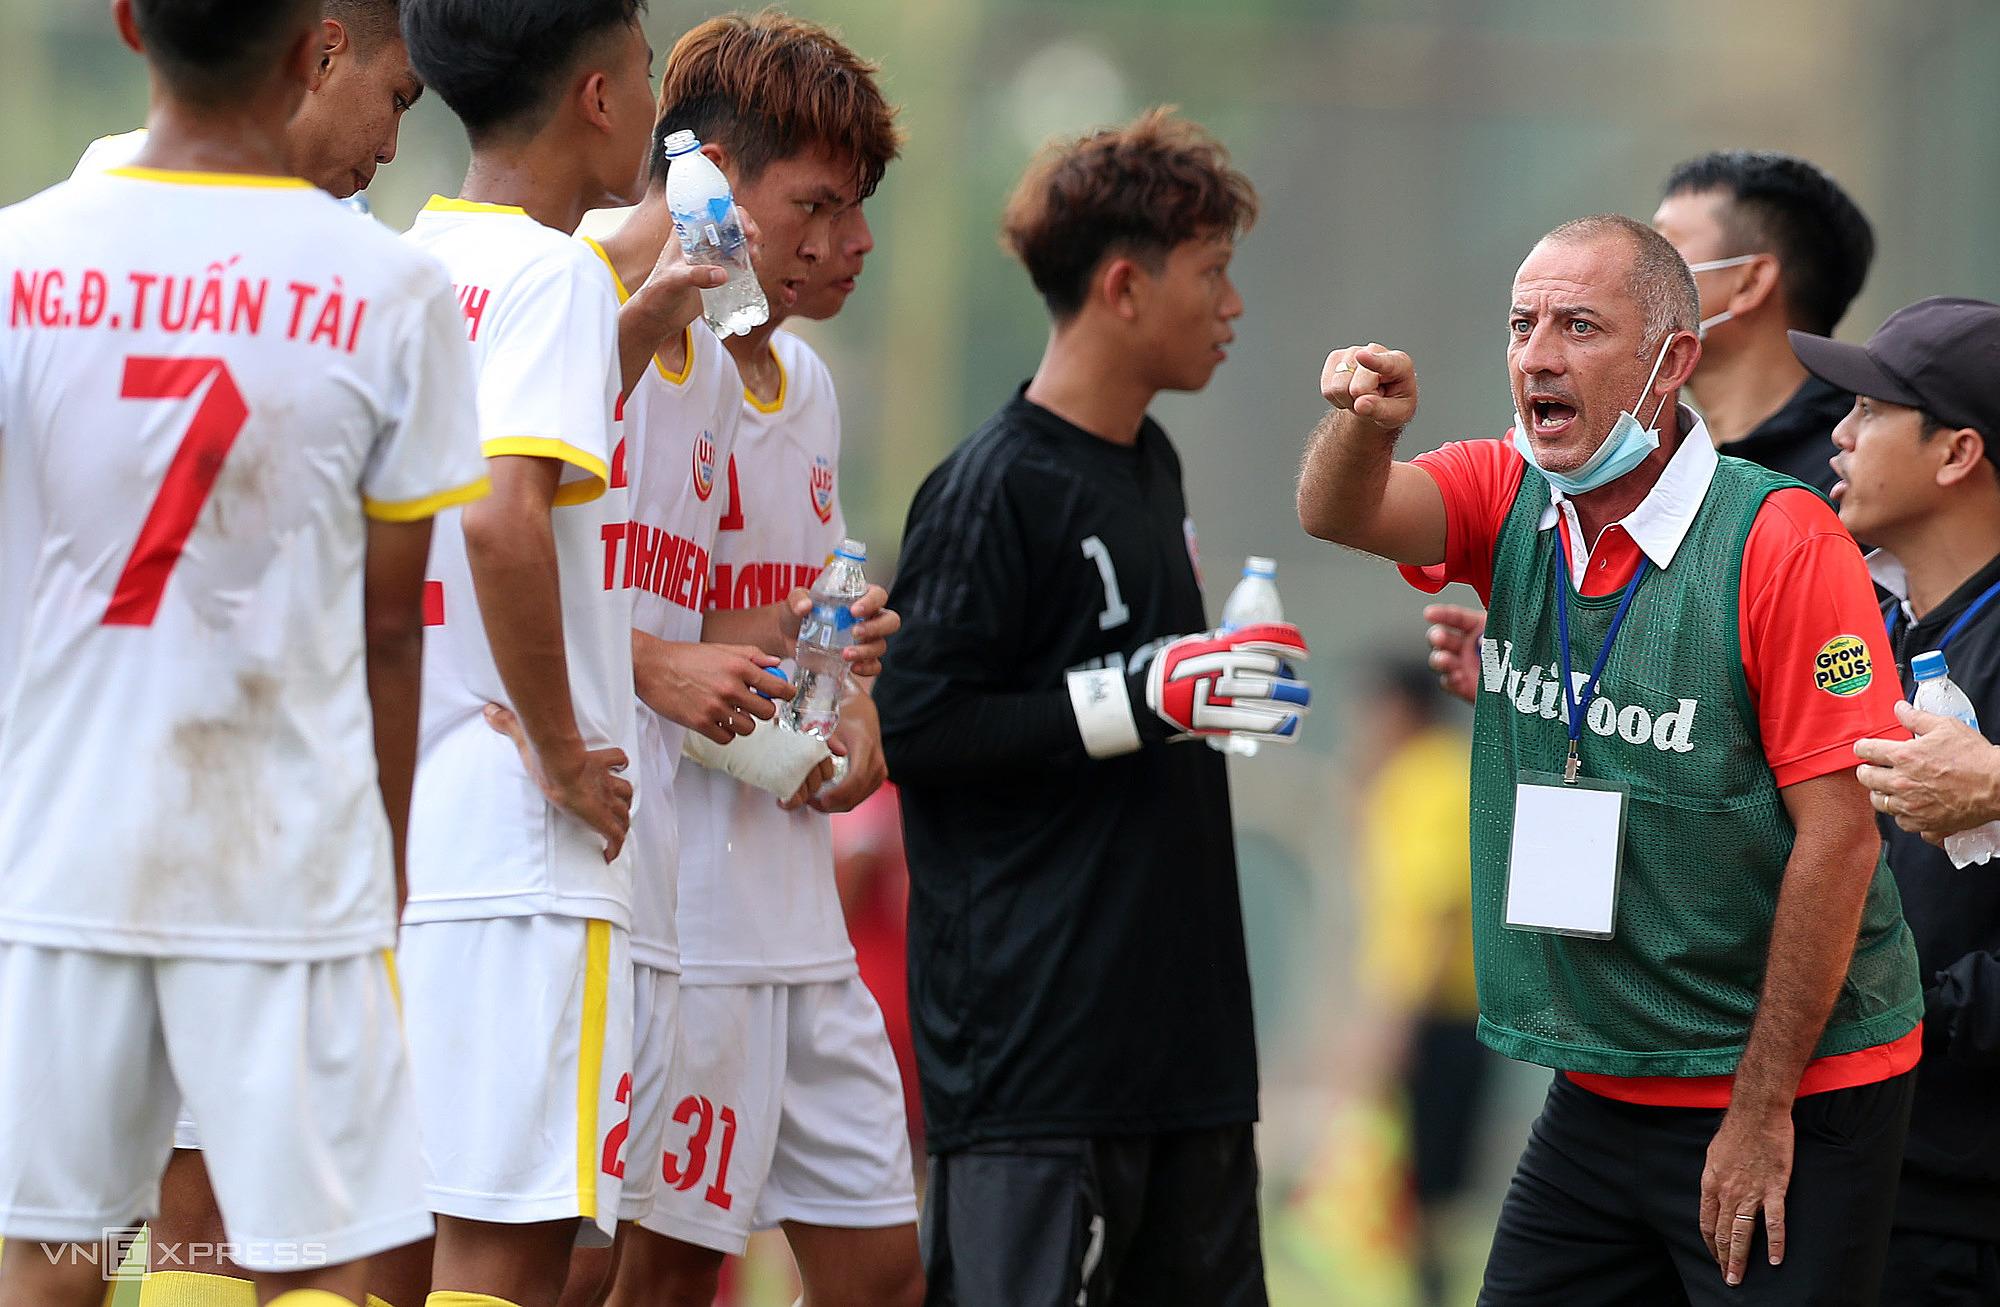 โค้ช Graechen Guilaume มีความสุขในการแข่งขันกับกองทัพแห่งชาติ U19  ภาพ: Duc Dong